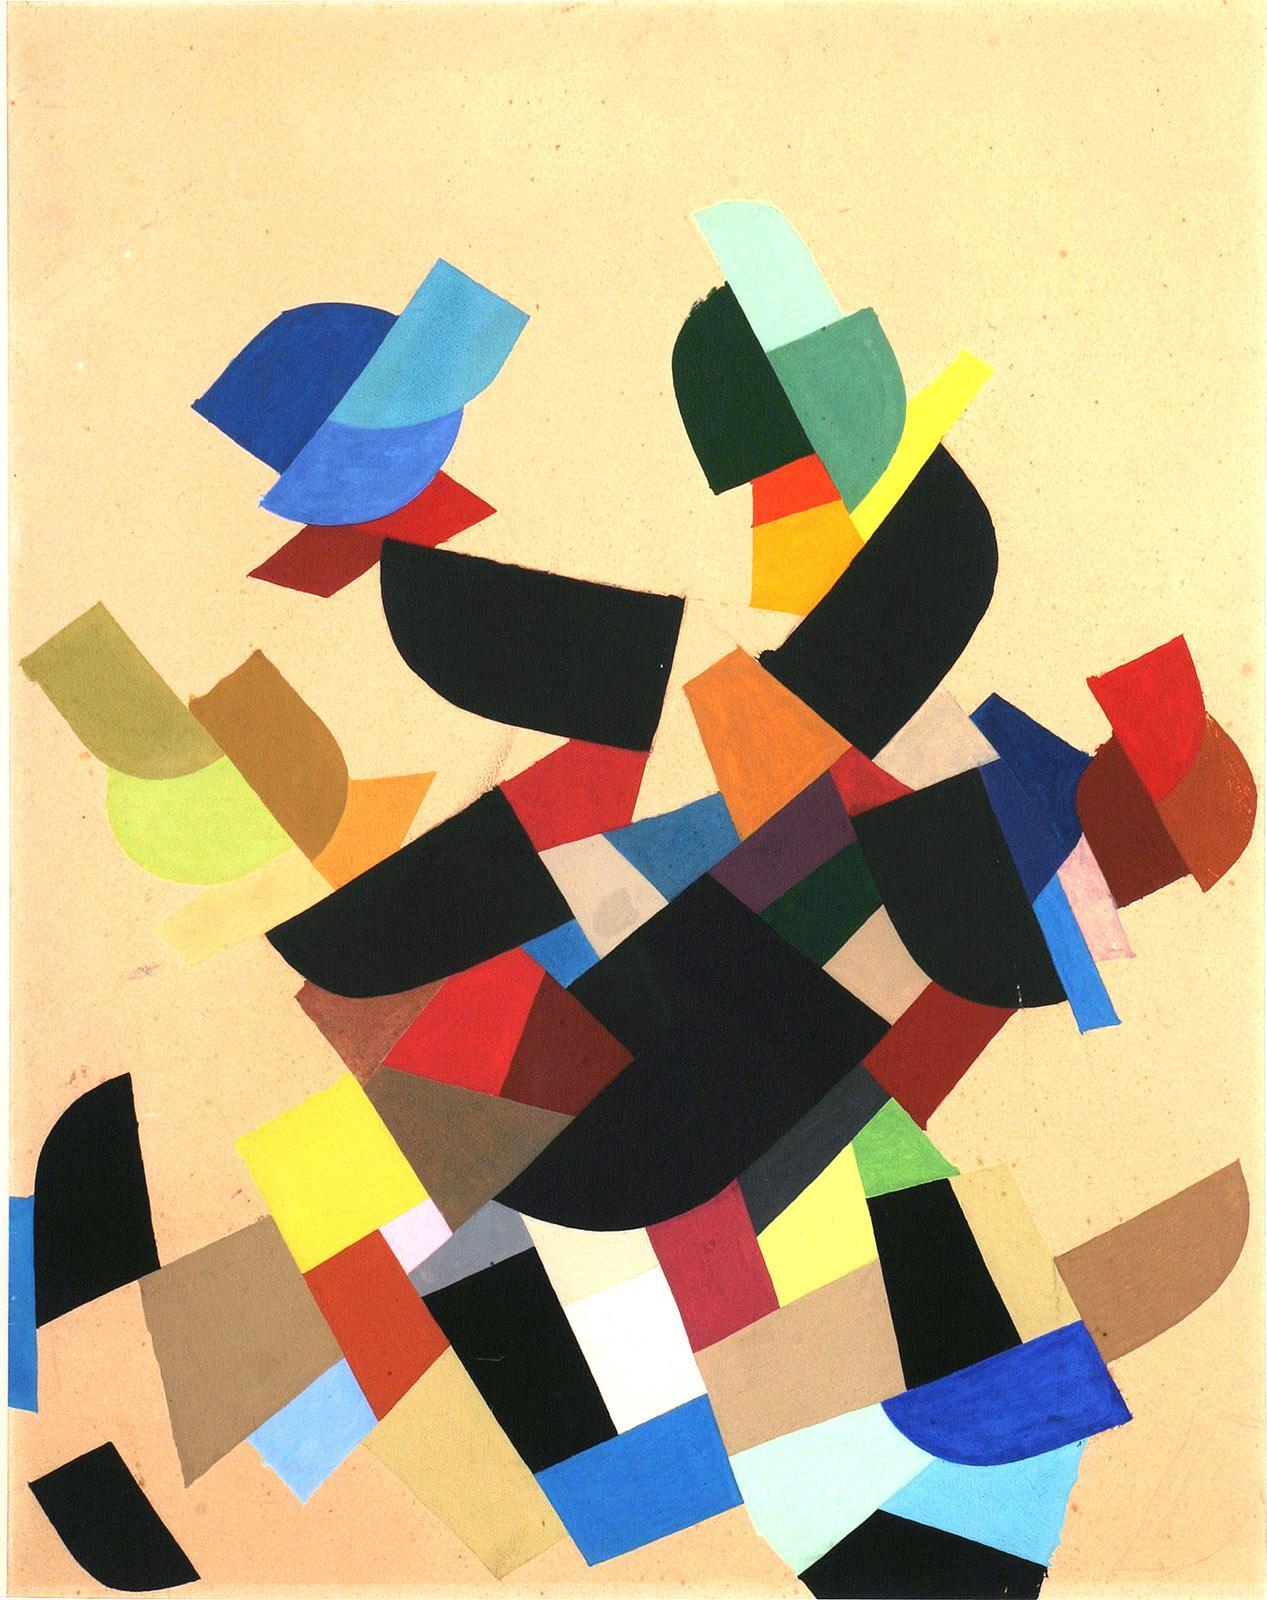 Otto Freundlich: Composition inachevée, 1943 Gouache sur carton, 65 x 50 cm Musée de Pontoise, Donation Freundlich © Musée de Pontoise